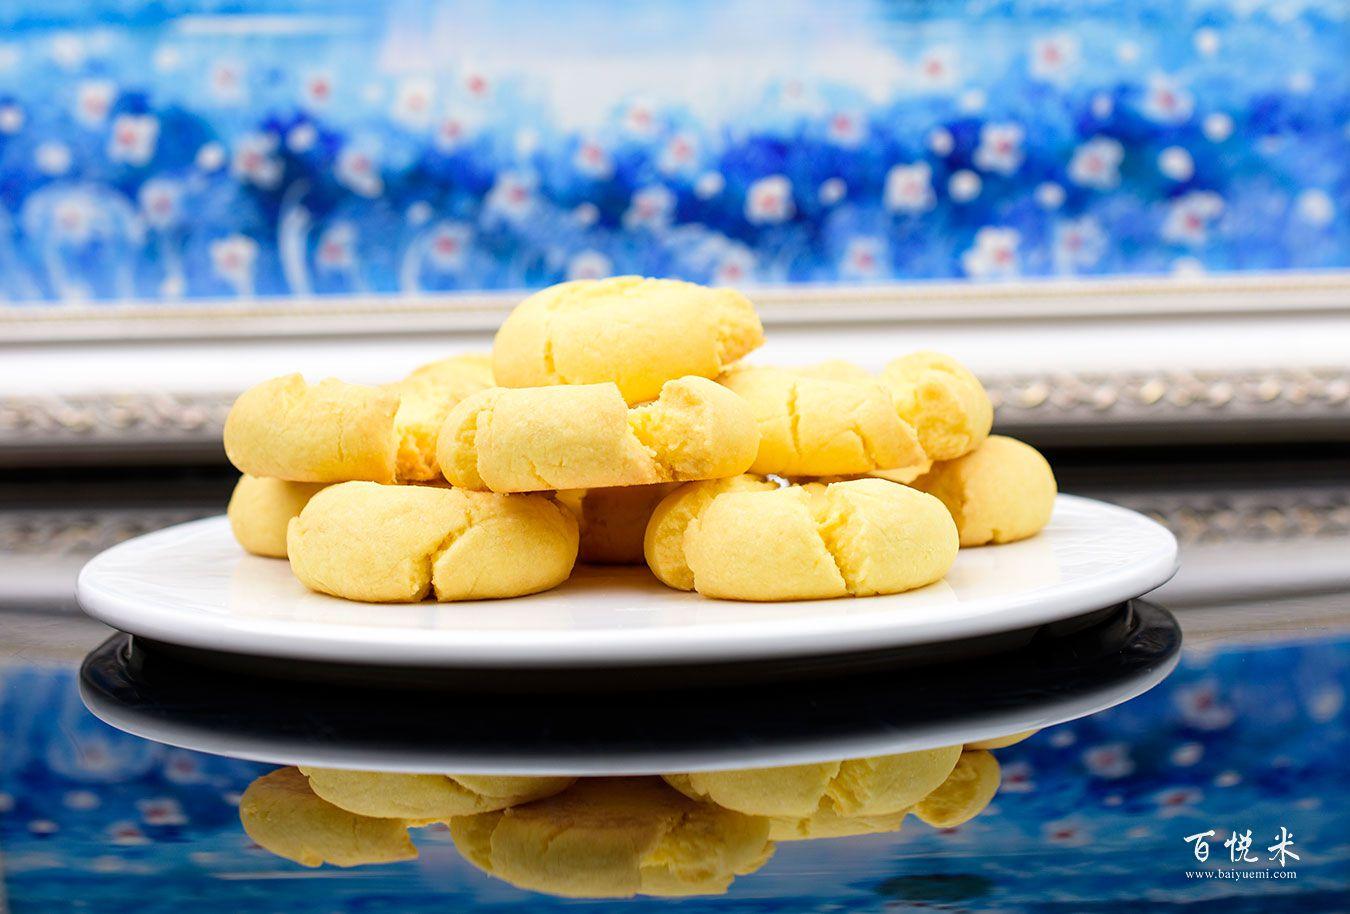 玛格丽特饼干高清图片大全【蛋糕图片】_405